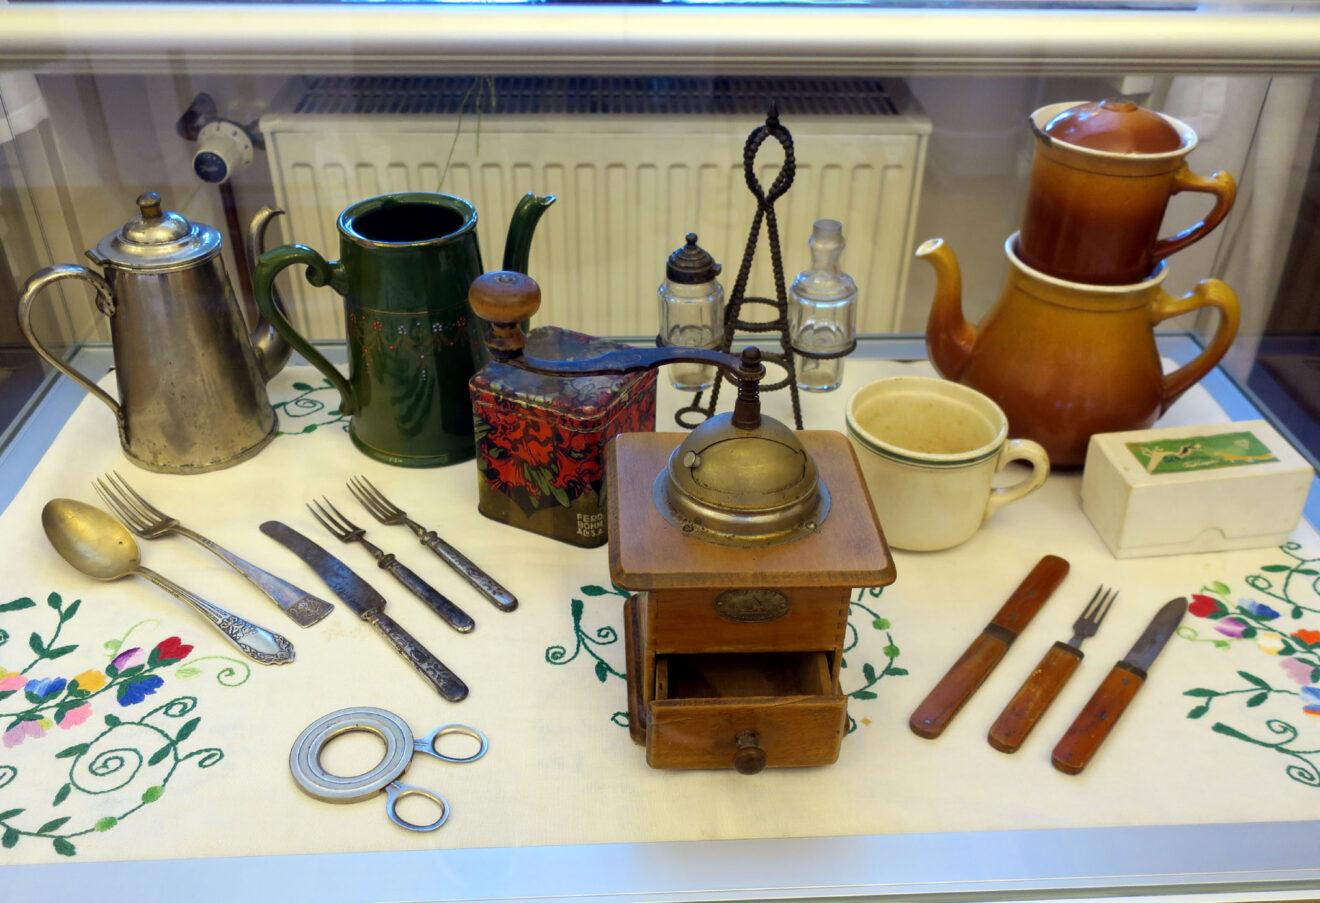 Fragment wystawy z przedmiotami kuchennymi w gablocie